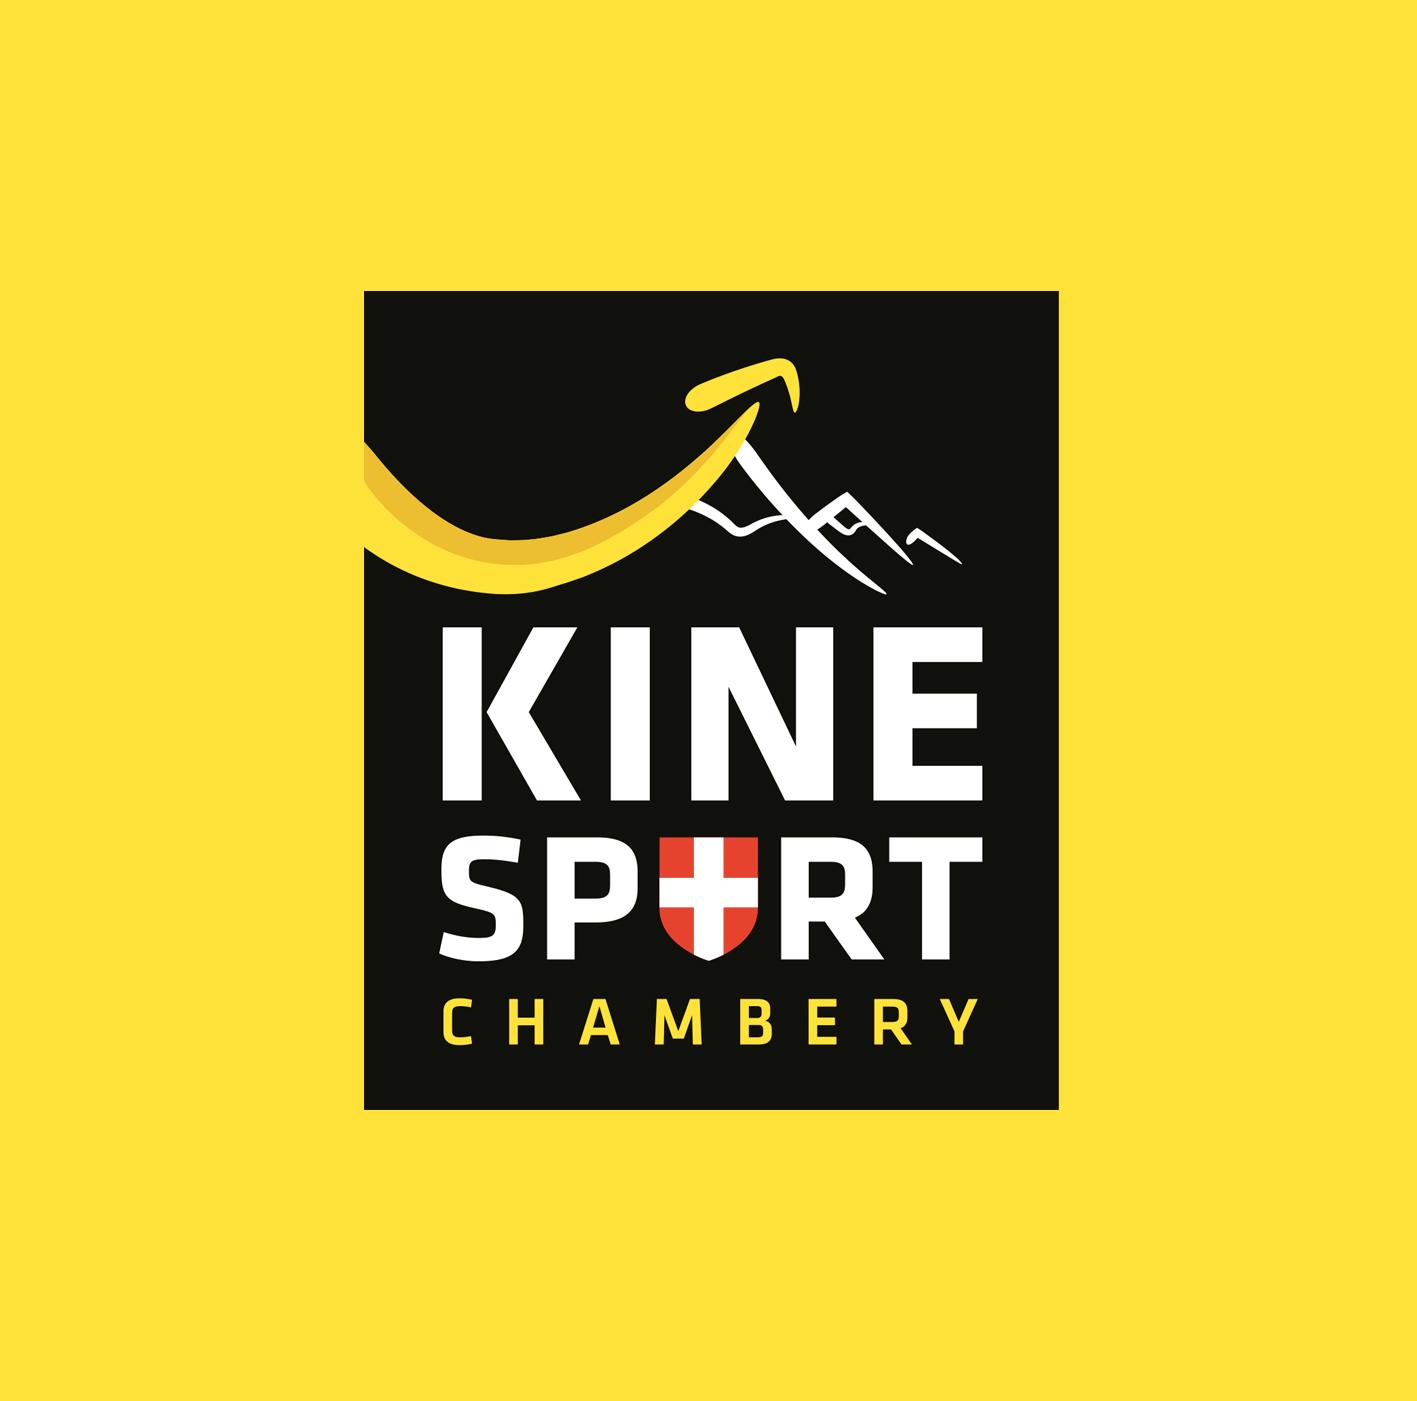 Kiné Sport Chambéry